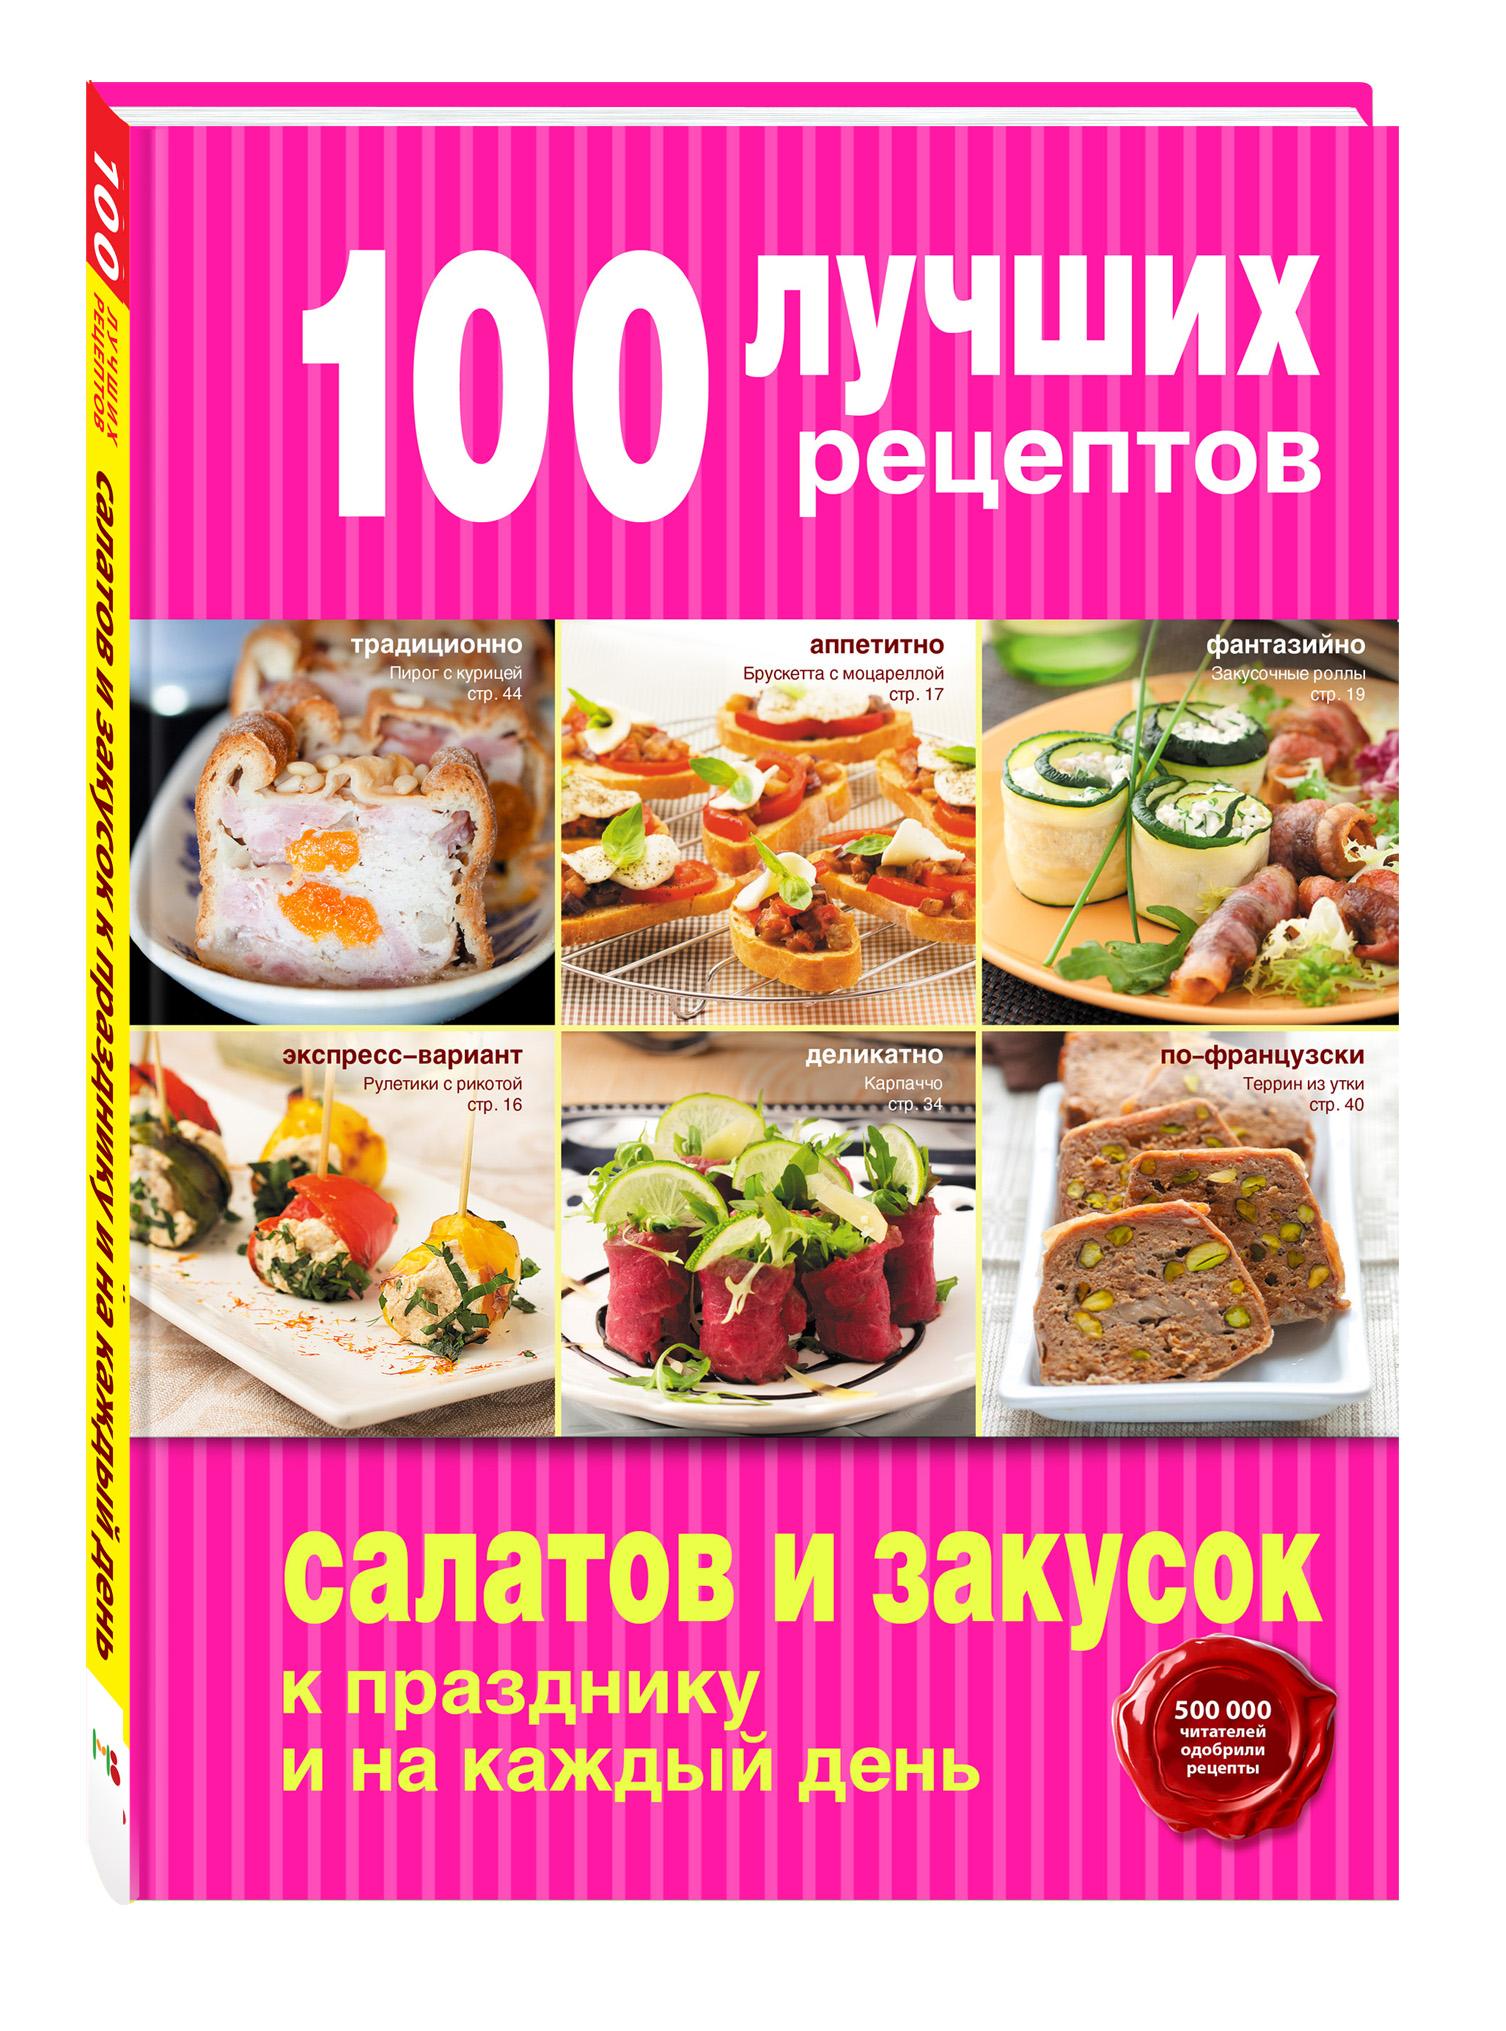 Готовим на праздники (комплект) олег толстенко 100 фантастических рецептов из огурцов